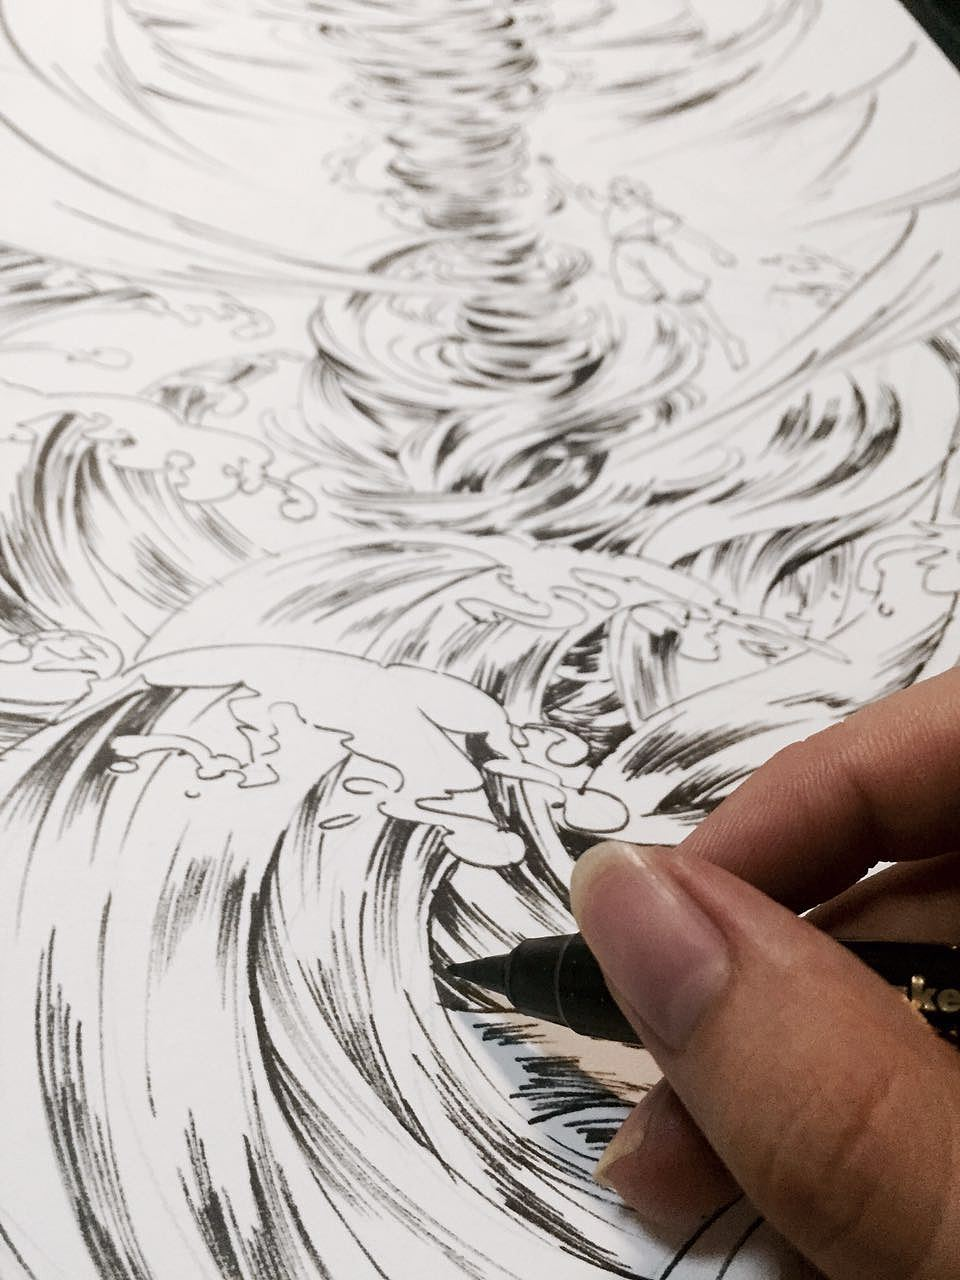 《大鱼海棠》的同人图.里面的角色:湫.